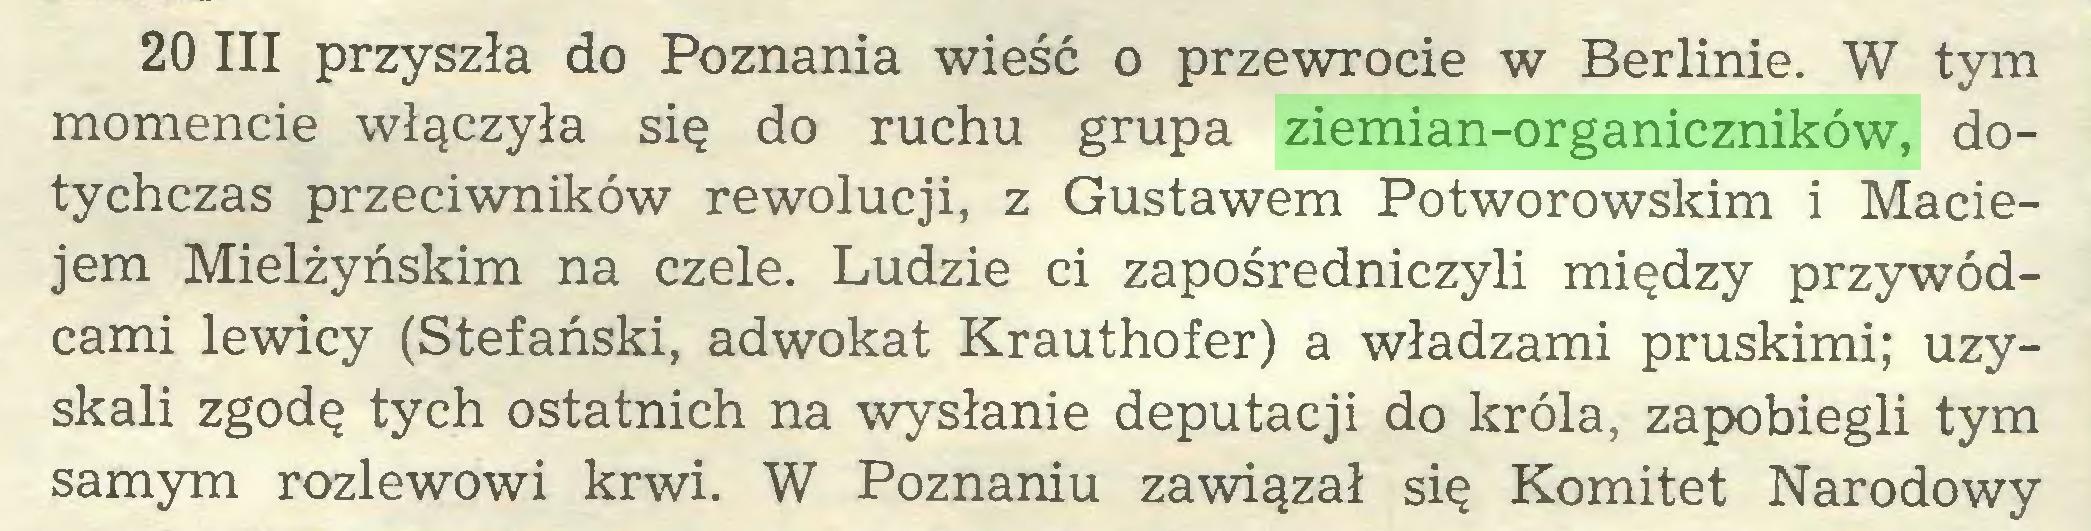 (...) 20 III przyszła do Poznania wieść o przewrocie w Berlinie. W tym momencie włączyła się do ruchu grupa ziemian-organiczników, dotychczas przeciwników rewolucji, z Gustawem Potworowskim i Maciejem Mielżyńskim na czele. Ludzie ci zapośredniczyli między przywódcami lewicy (Stefański, adwokat Krauthofer) a władzami pruskimi; uzyskali zgodę tych ostatnich na wysłanie deputacji do króla, zapobiegli tym samym rozlewowi krwi. W Poznaniu zawiązał się Komitet Narodowy...